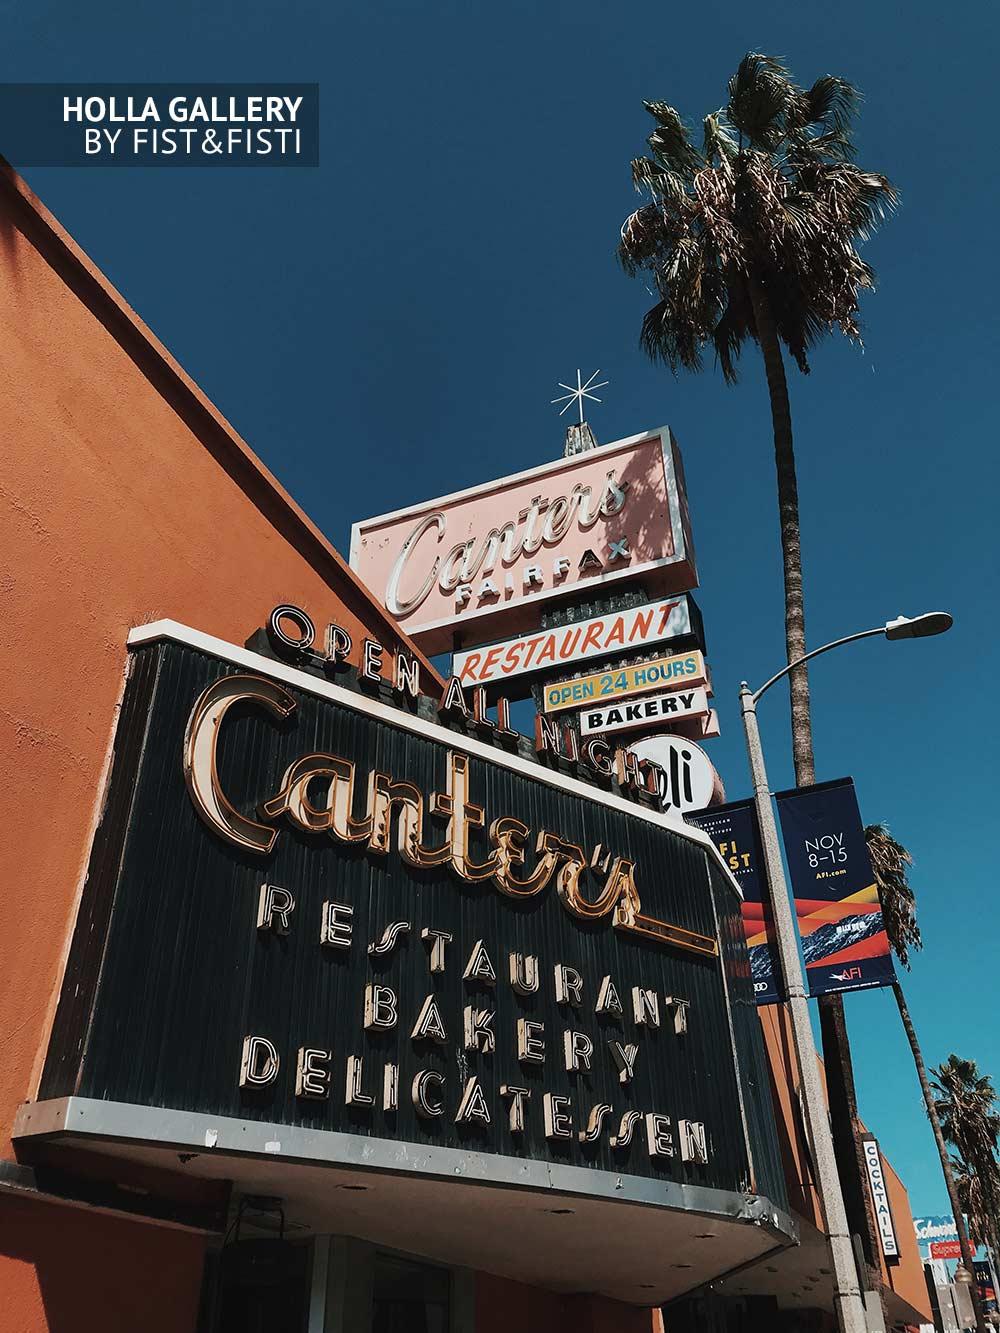 Canter's Deli, Los Angeles, пальмы, пекарня, деликатес, небо